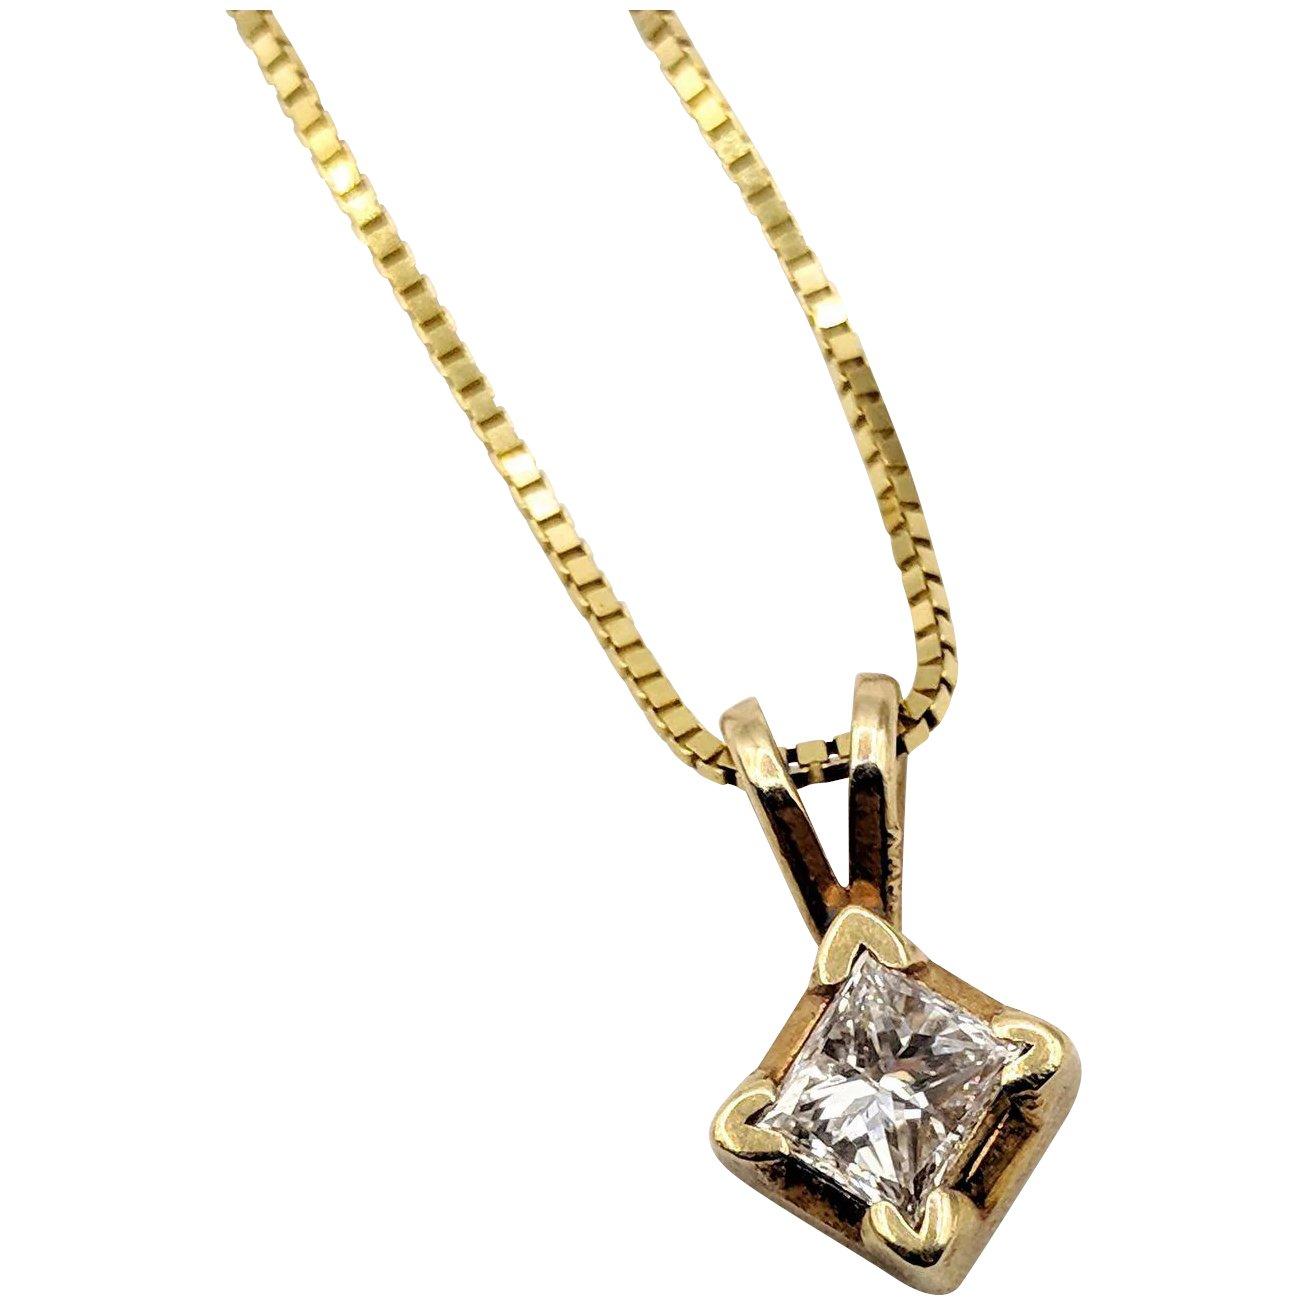 0-46-Carat-Princess-Cut-Diamond-full-1-2048_10.10-69-f.jpg